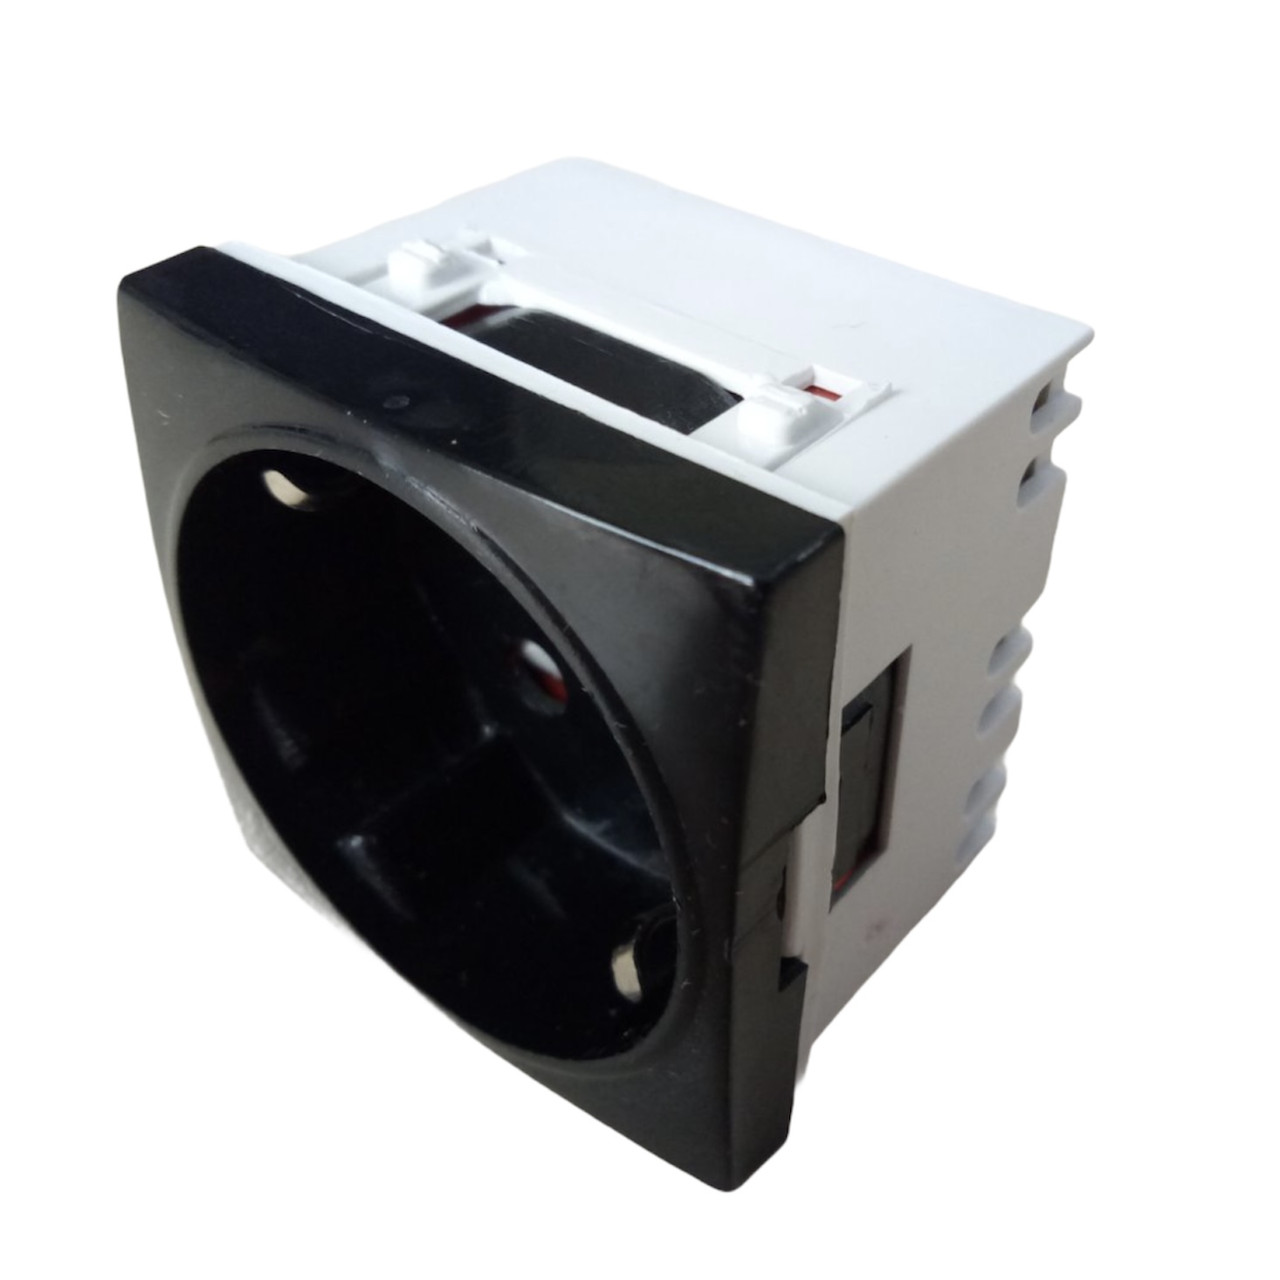 Модульная розетка  45х45 для установки в люк, кабель-канал, настенный бокс, черная, с заземлением и защитой